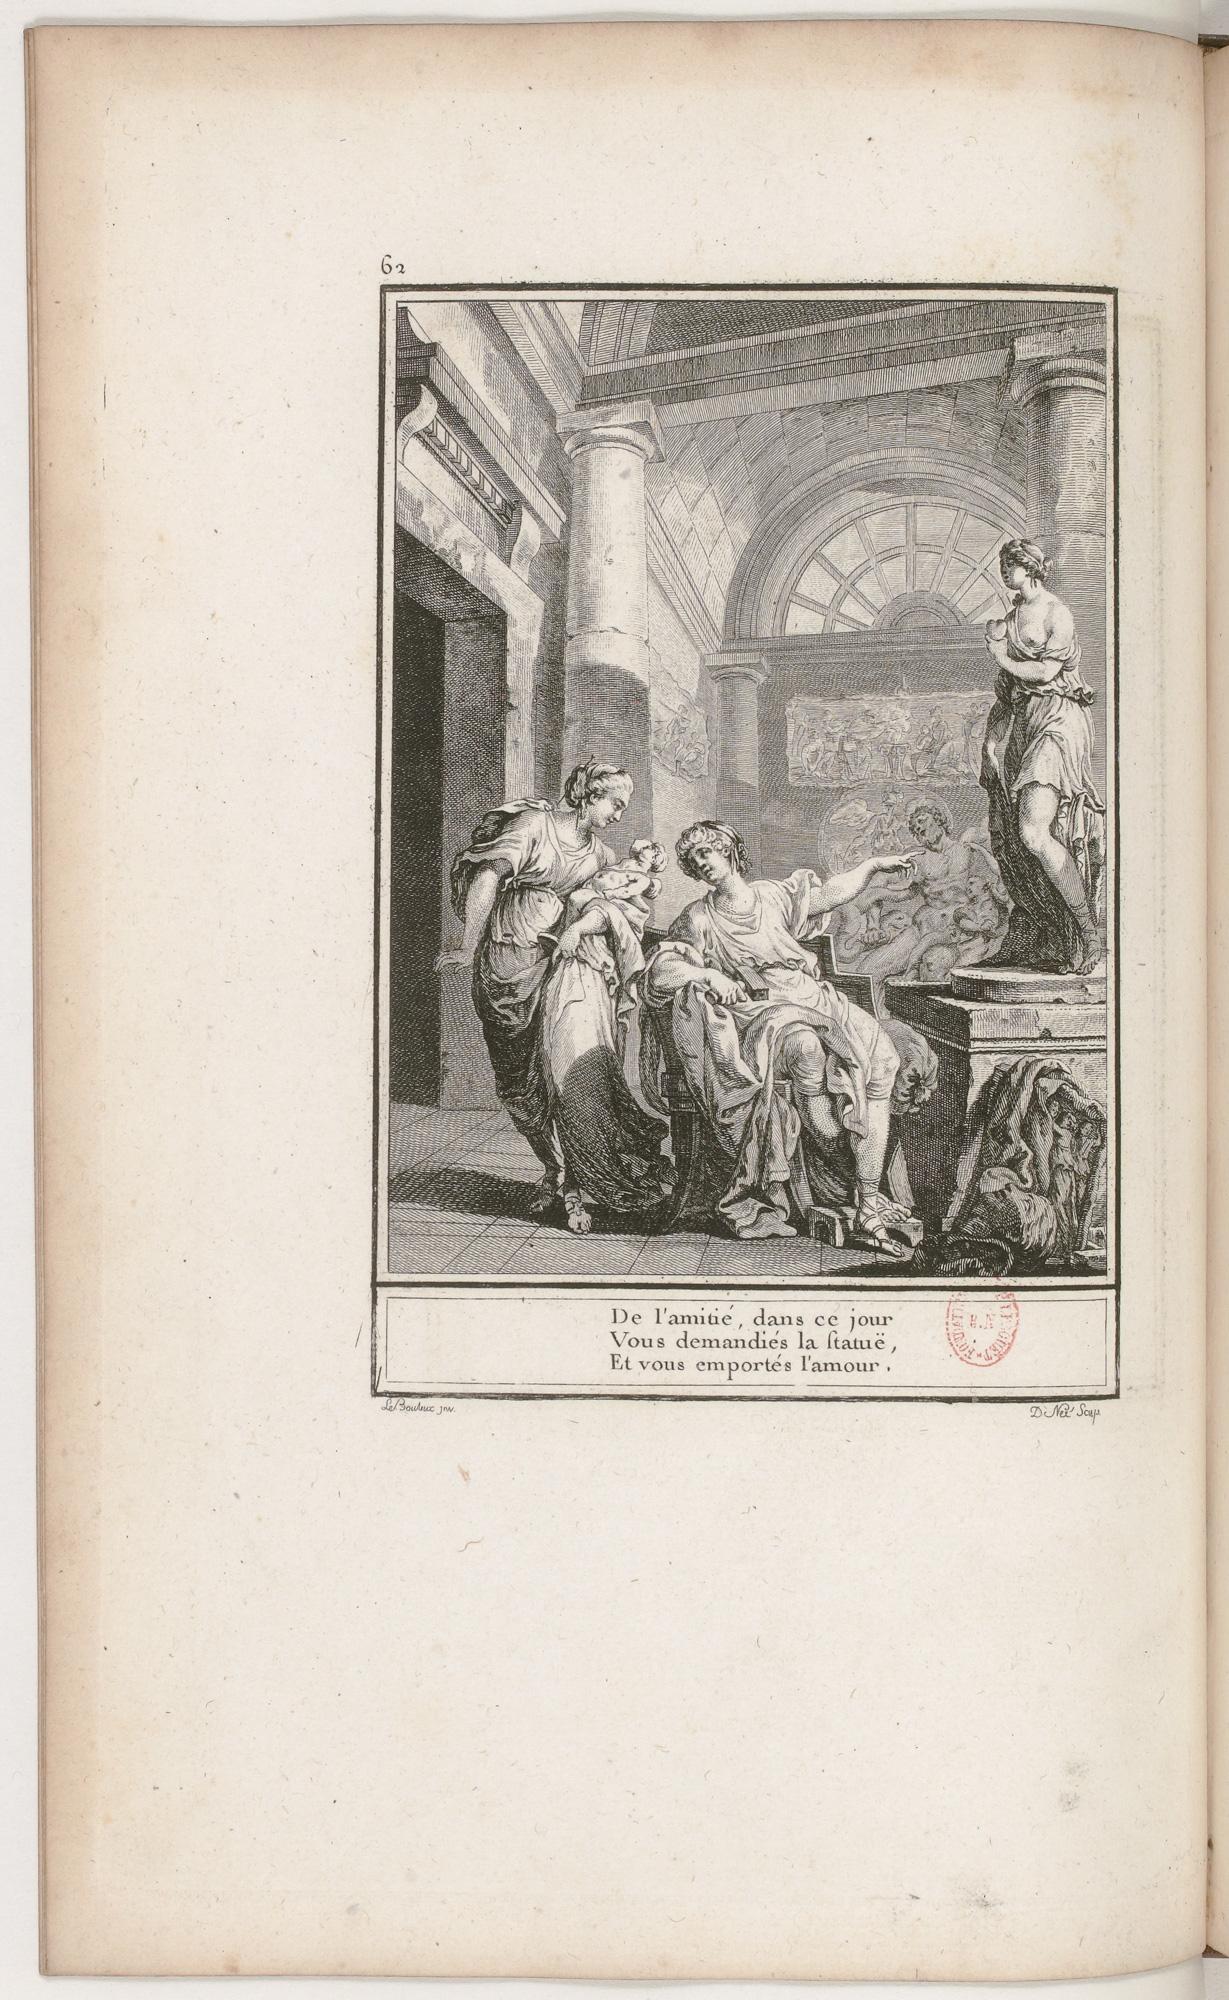 S.2.11 La statue de l'amitie,1772, Image